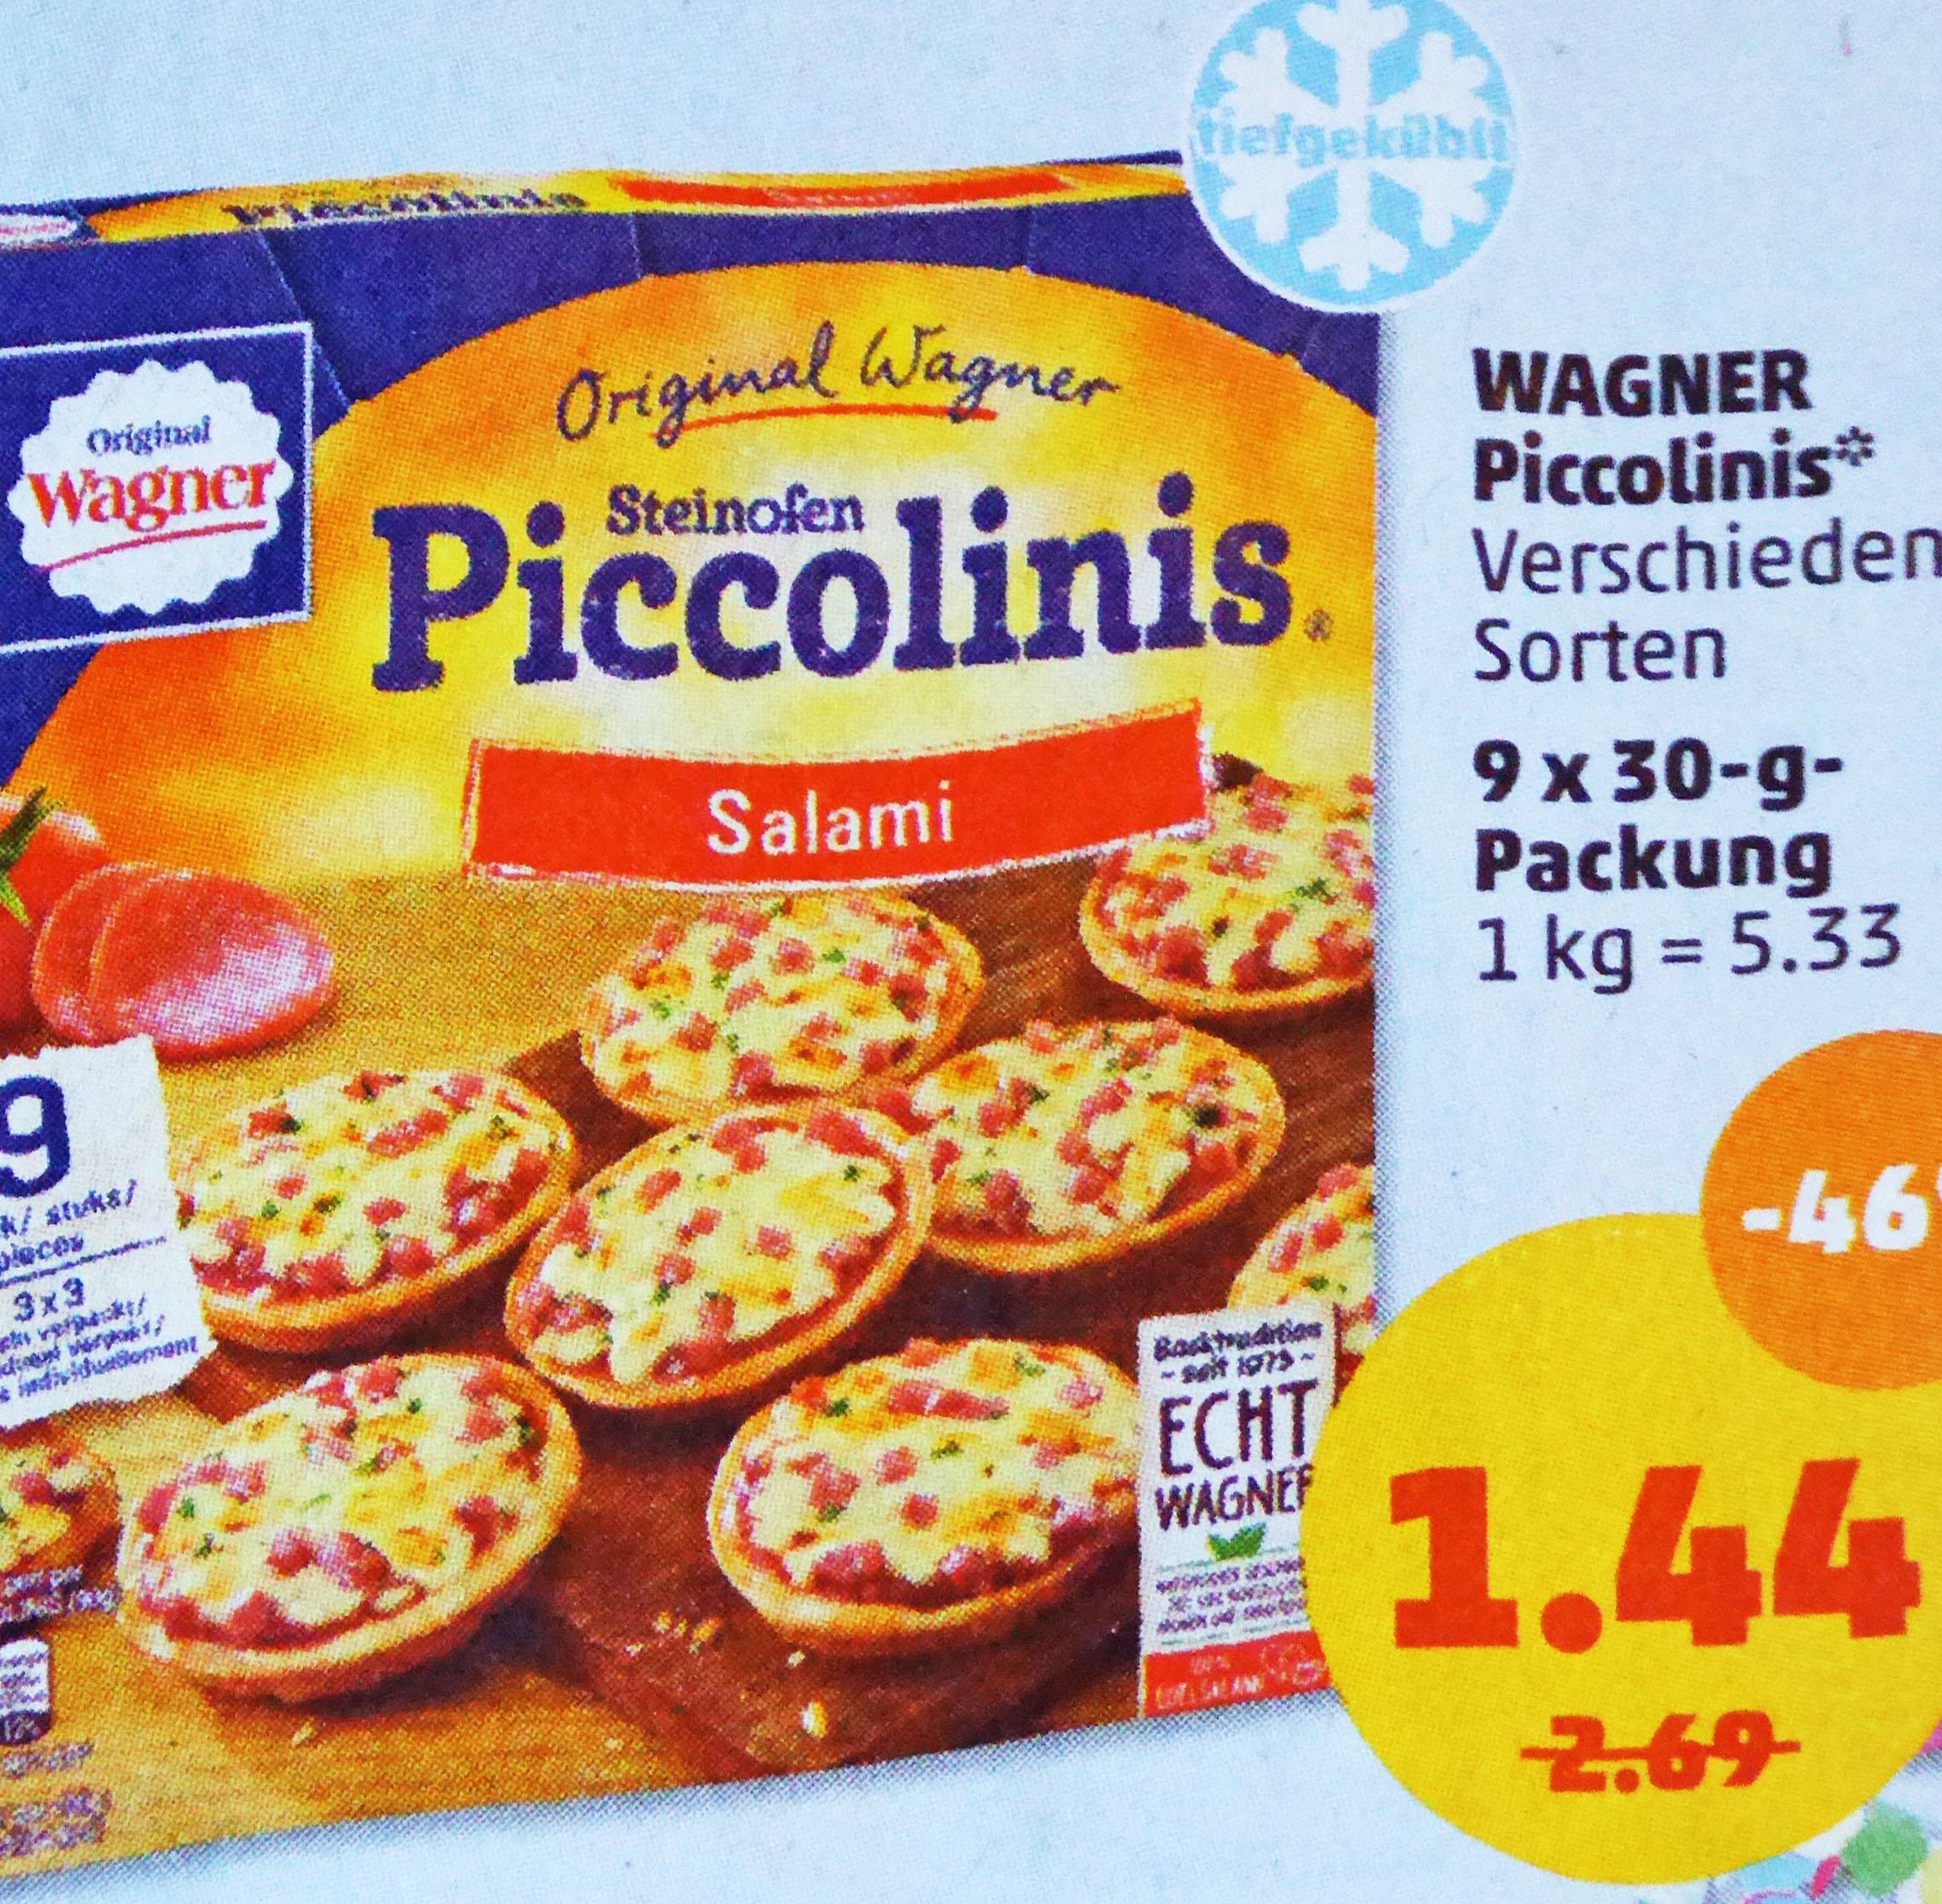 WAGNER Piccolinis 46% günstiger für nur 1,44€ @Penny